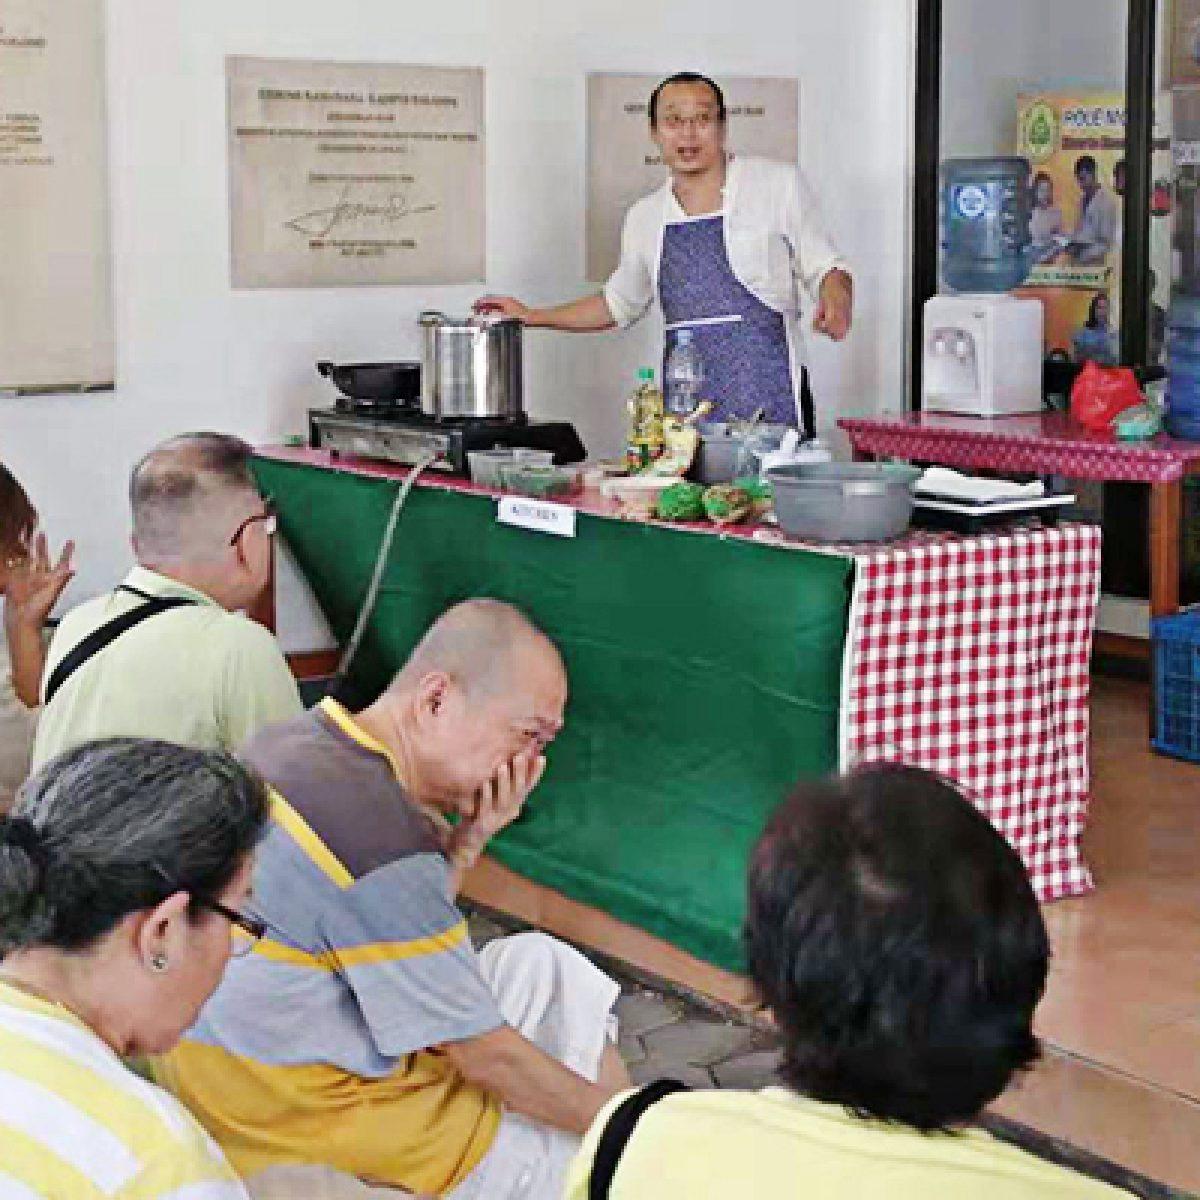 Indo Nesian Tradisi Onal Medicine Suruhan Obat: BuddhaZine Veggie Day, Upaya Meningkatkan Nilai Sayur